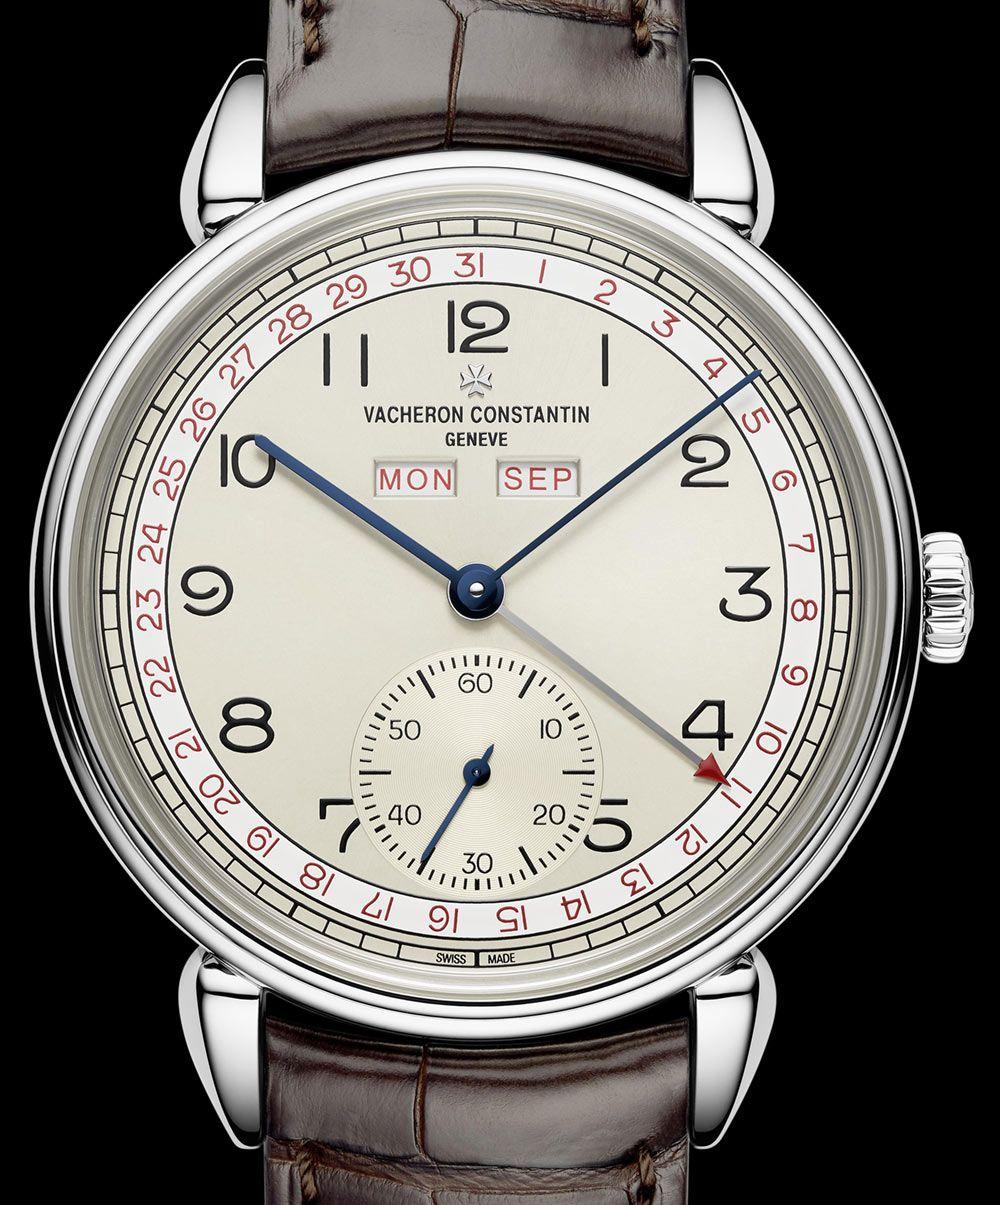 Vacheron Constantin Historiques Triple Calendrier 1942   1948 Watches Watch  Releases 40490966925